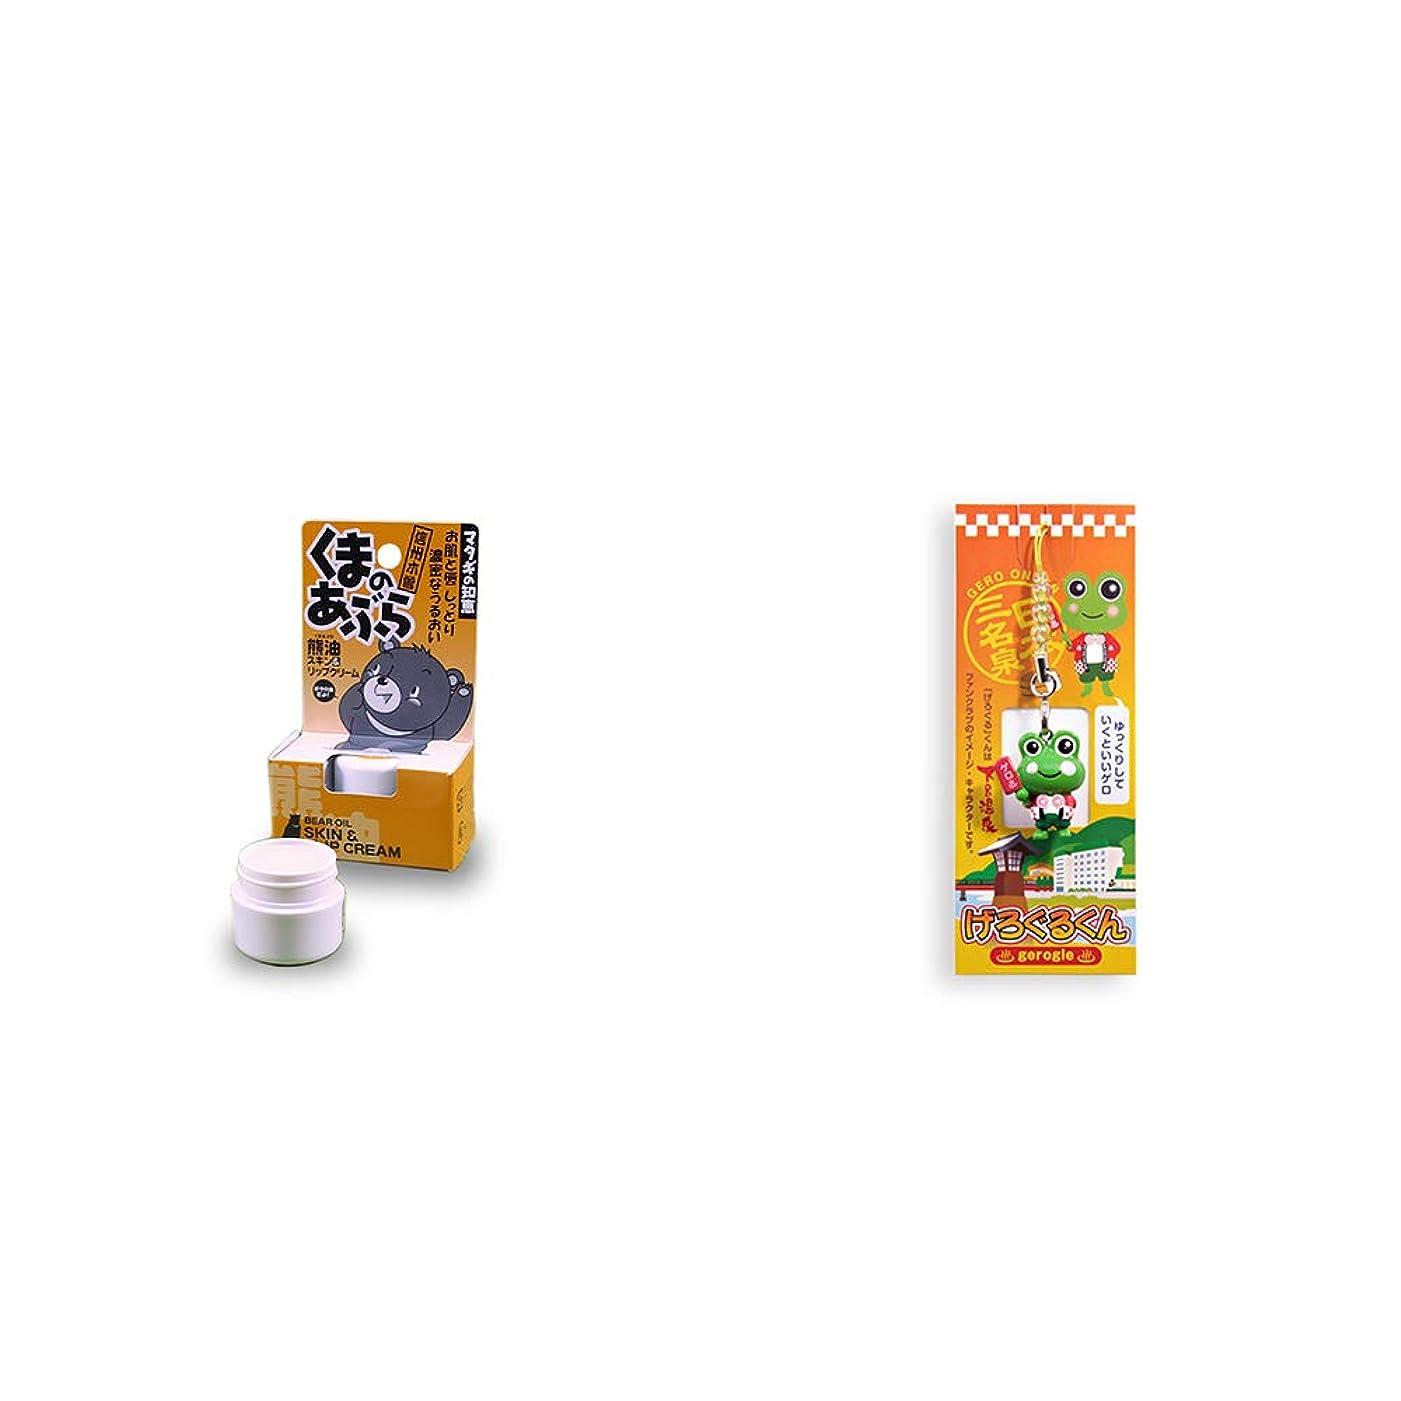 メニュー感謝する手術[2点セット] 信州木曽 くまのあぶら 熊油スキン&リップクリーム(9g)?下呂温泉ファンクラブのイメージキャラクター げろぐるくんストラップ